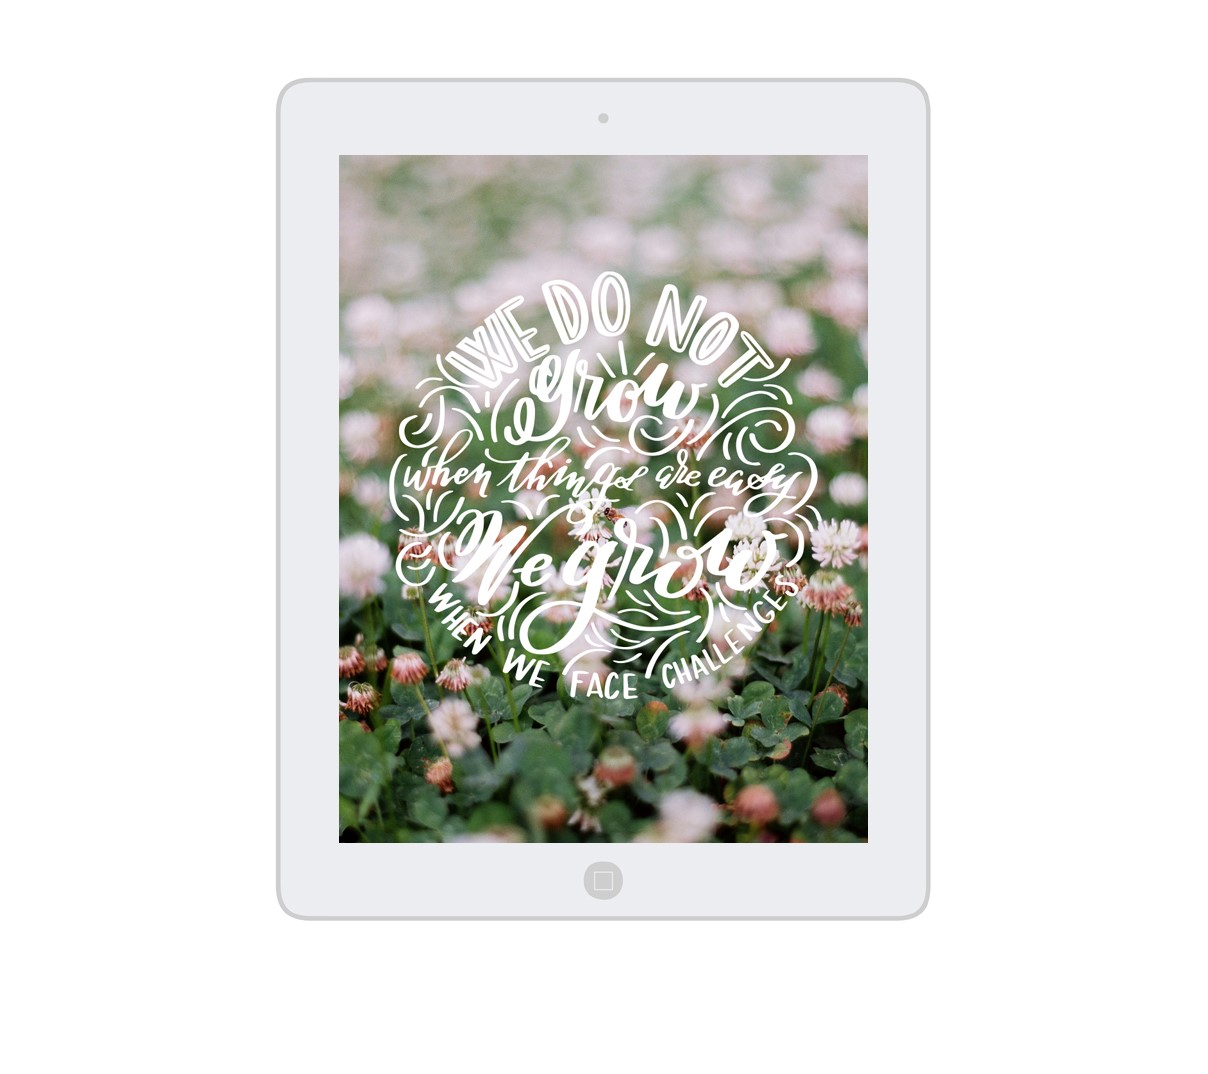 iPad_Artwork_WeDoNotGrow_OMAC.jpg